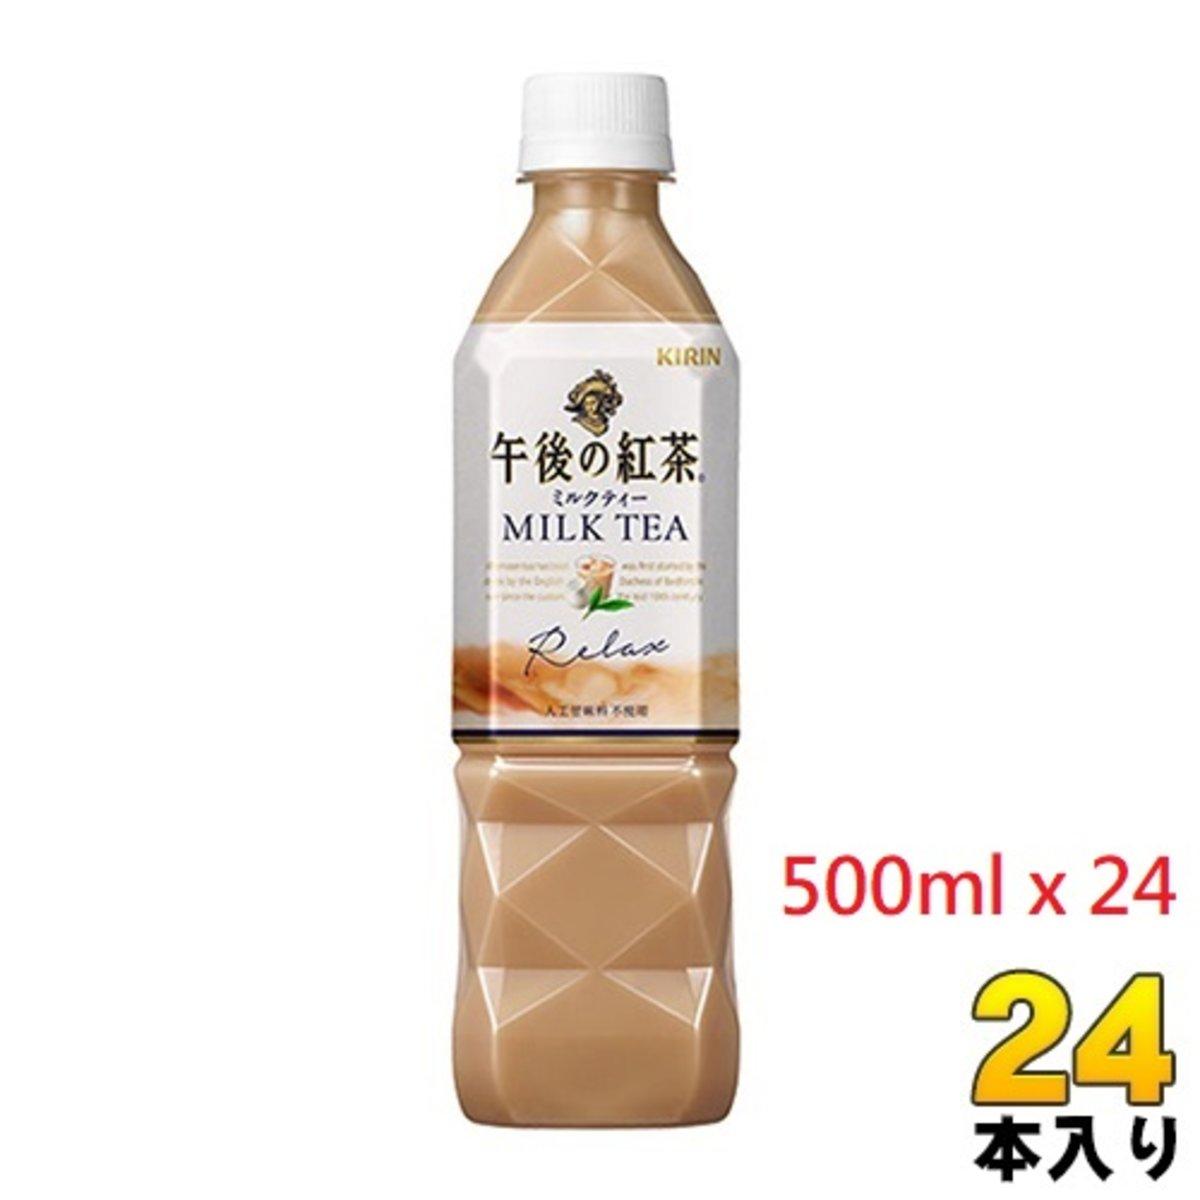 麒麟 <特別優惠> 原箱 新口味 午後奶茶 500ml x 24支 (午後紅茶系列)